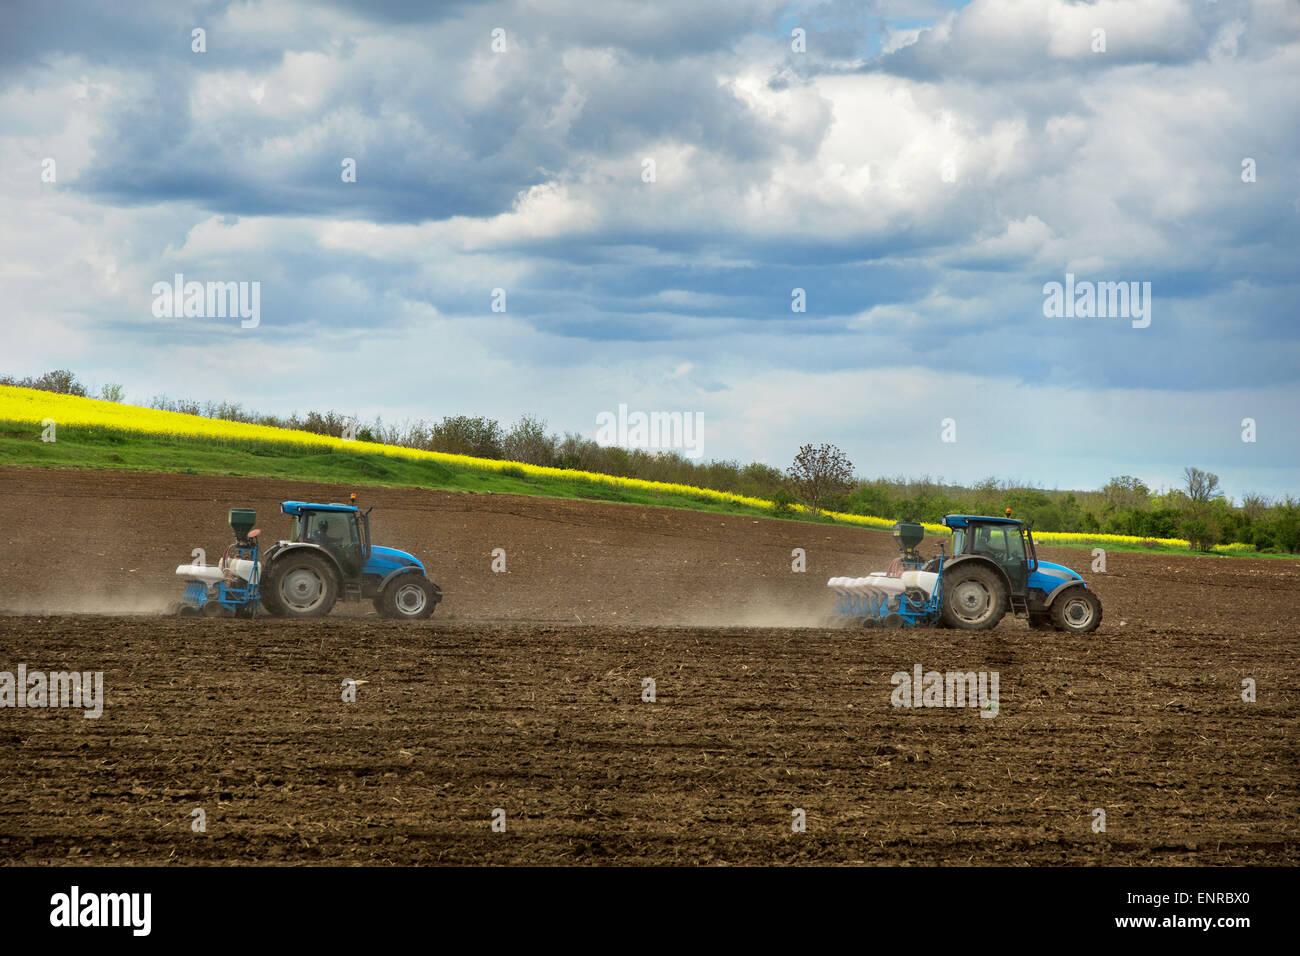 Un campo con una agricultura de tractores Imagen De Stock